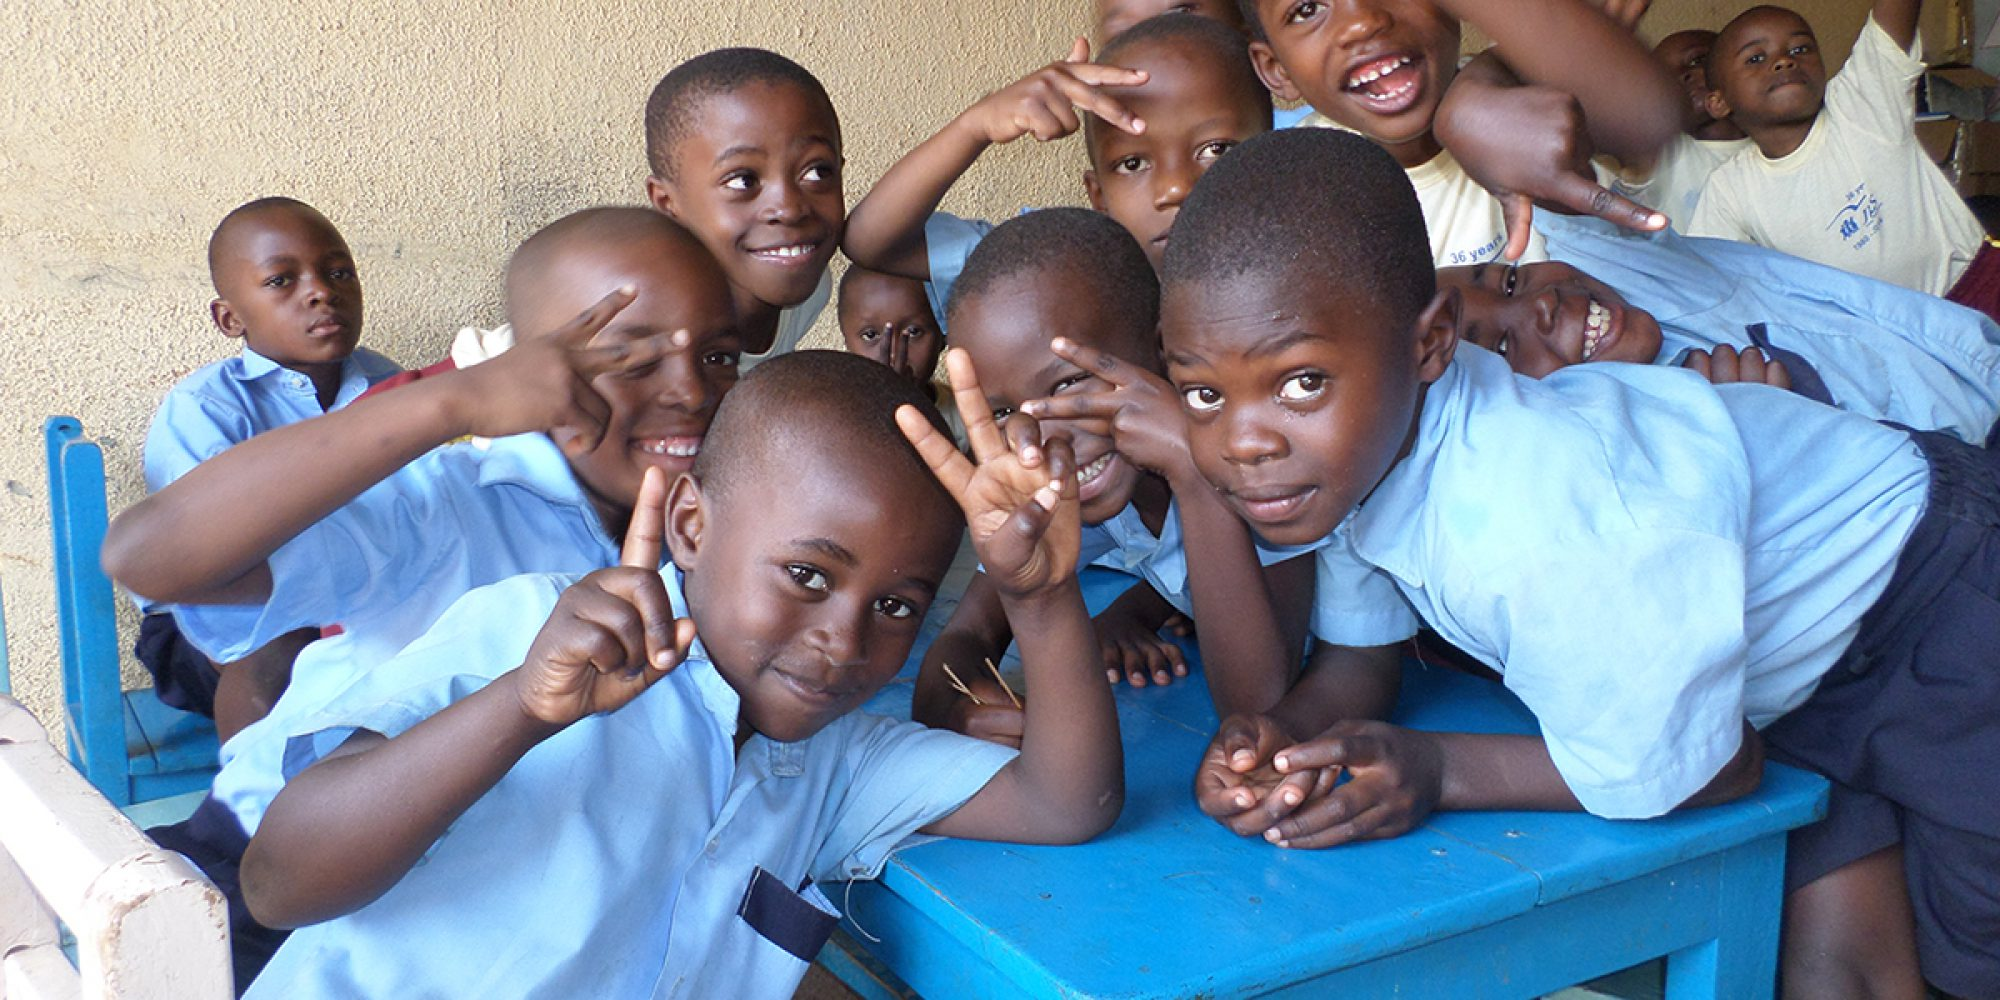 Des jeunes réfugiés dans l'école maternelle de JRS, dans le cadre du Programme d'urgence urbaine de JRS Kampala